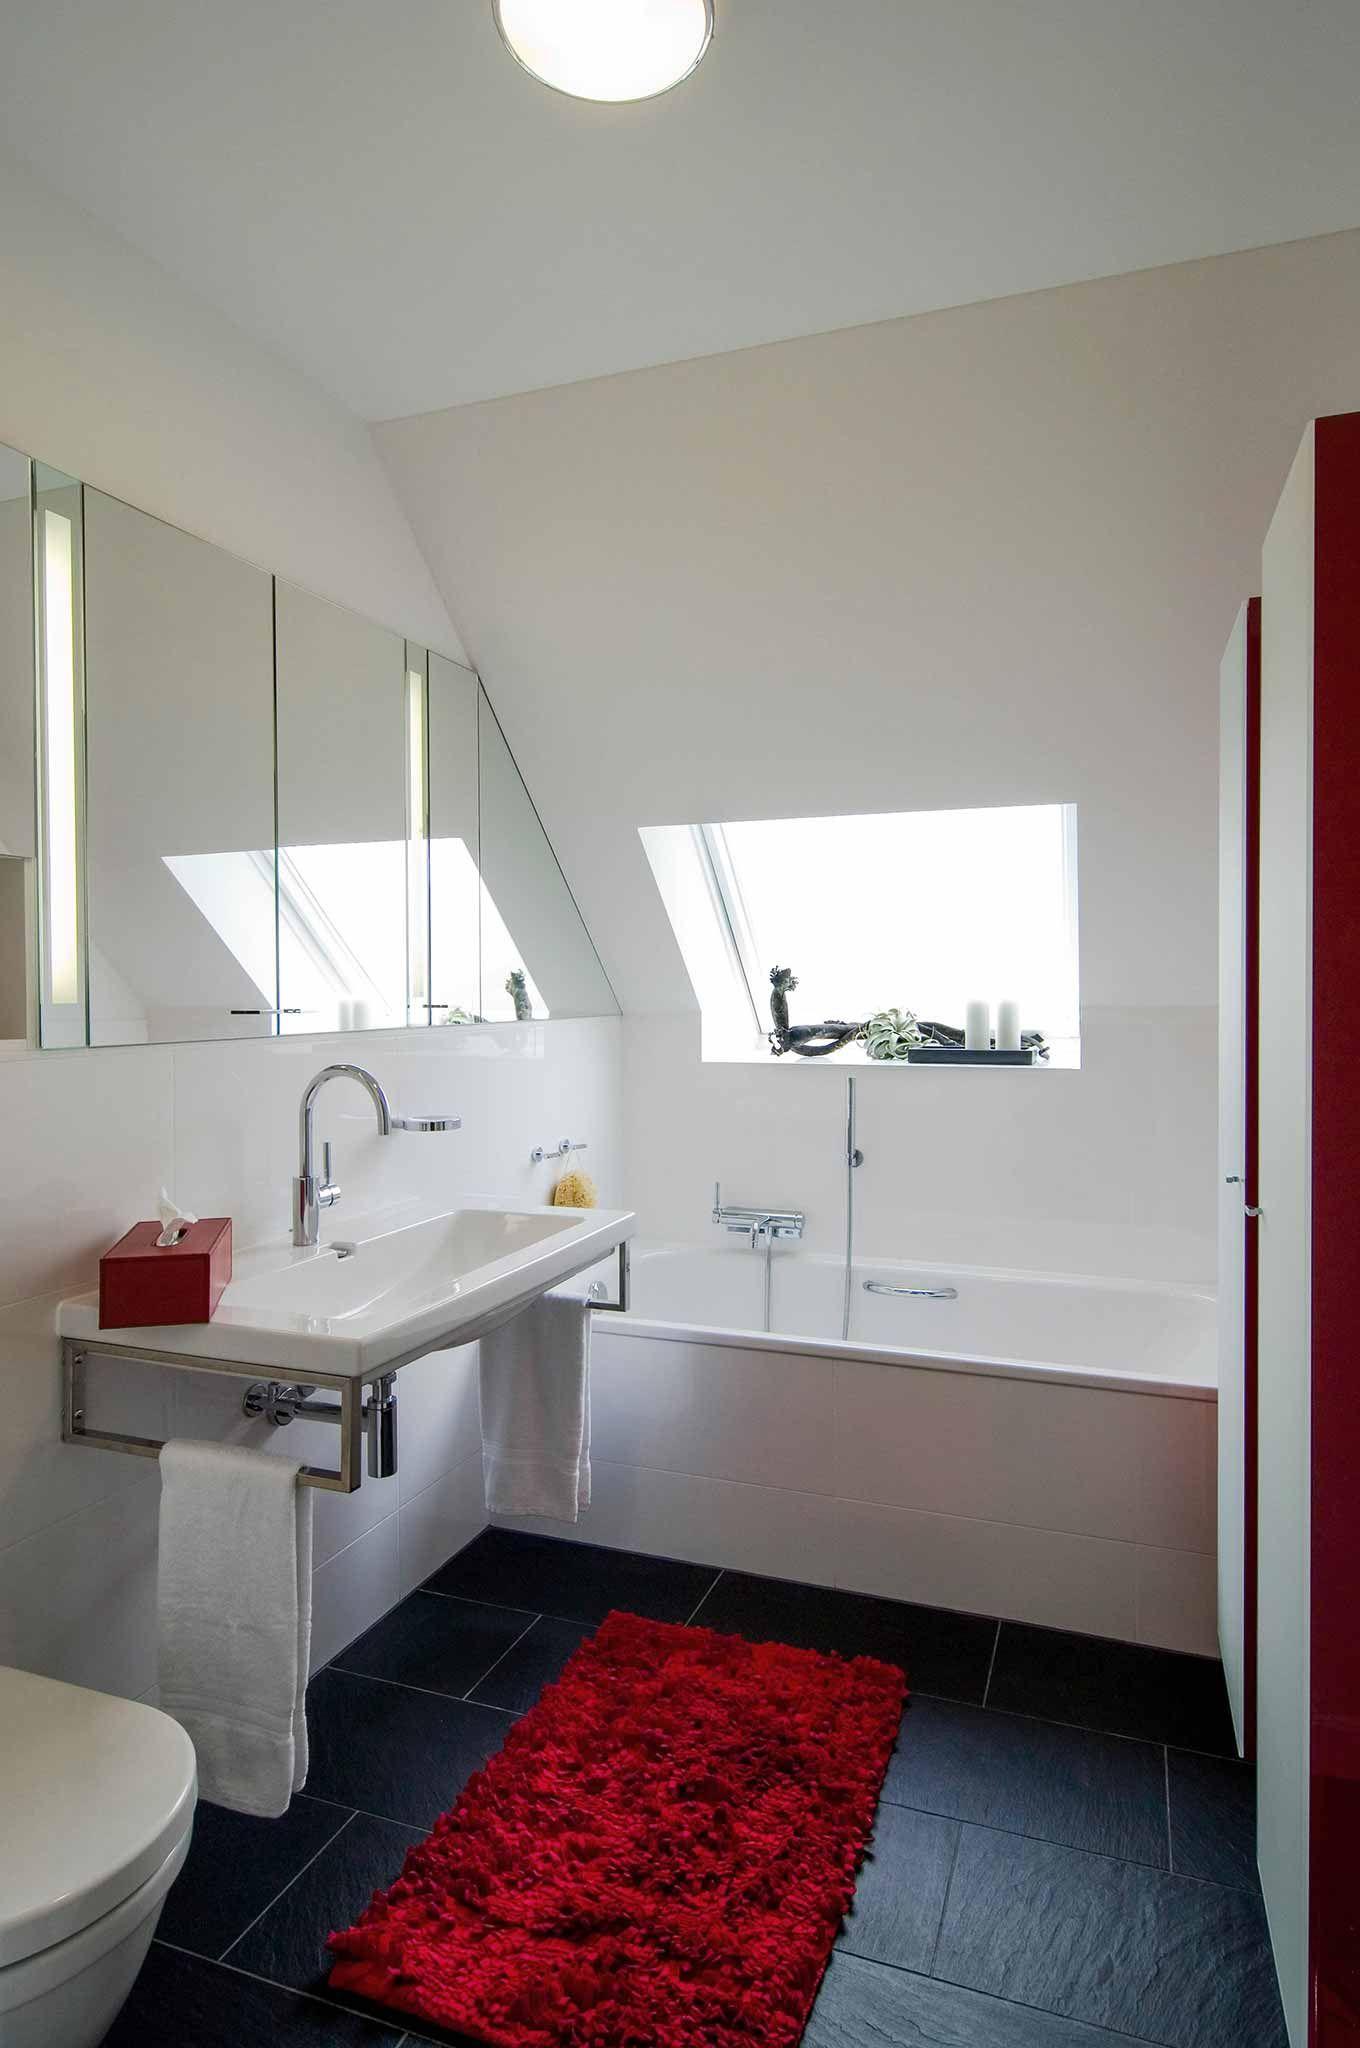 Wie Spiegelschrank Dachschrage Ausnutzt Bad In Munchen Badezimmer Dachschrage Schrank Dachschrage Spiegelschrank